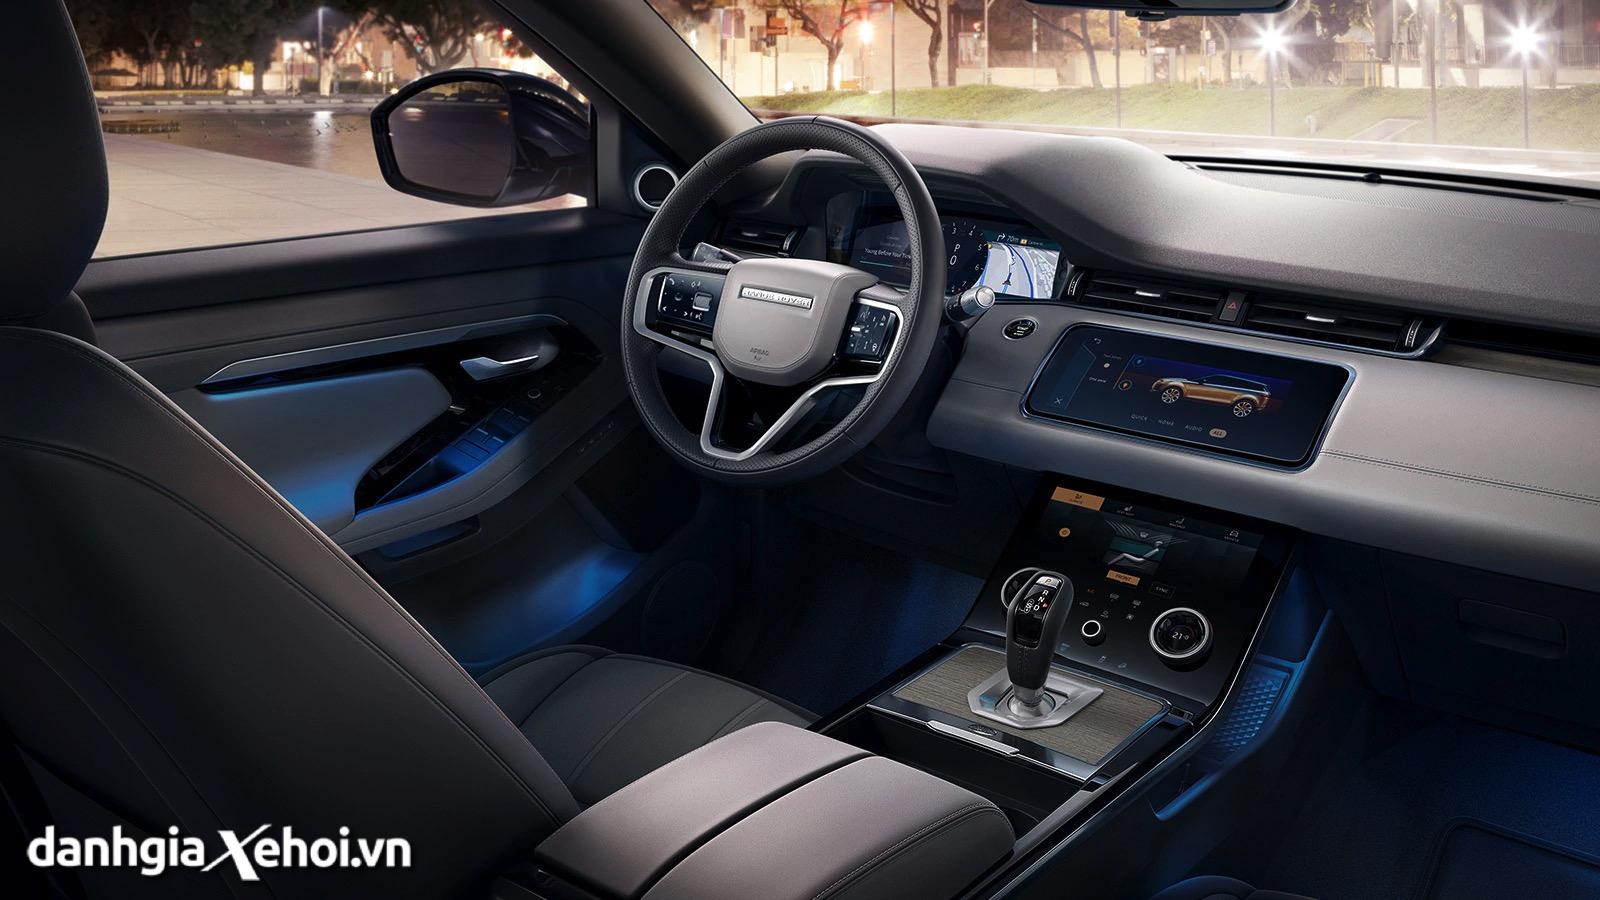 noi-that-xe-range-rover-evoque-2021-danhgiaxehoi-vn-1